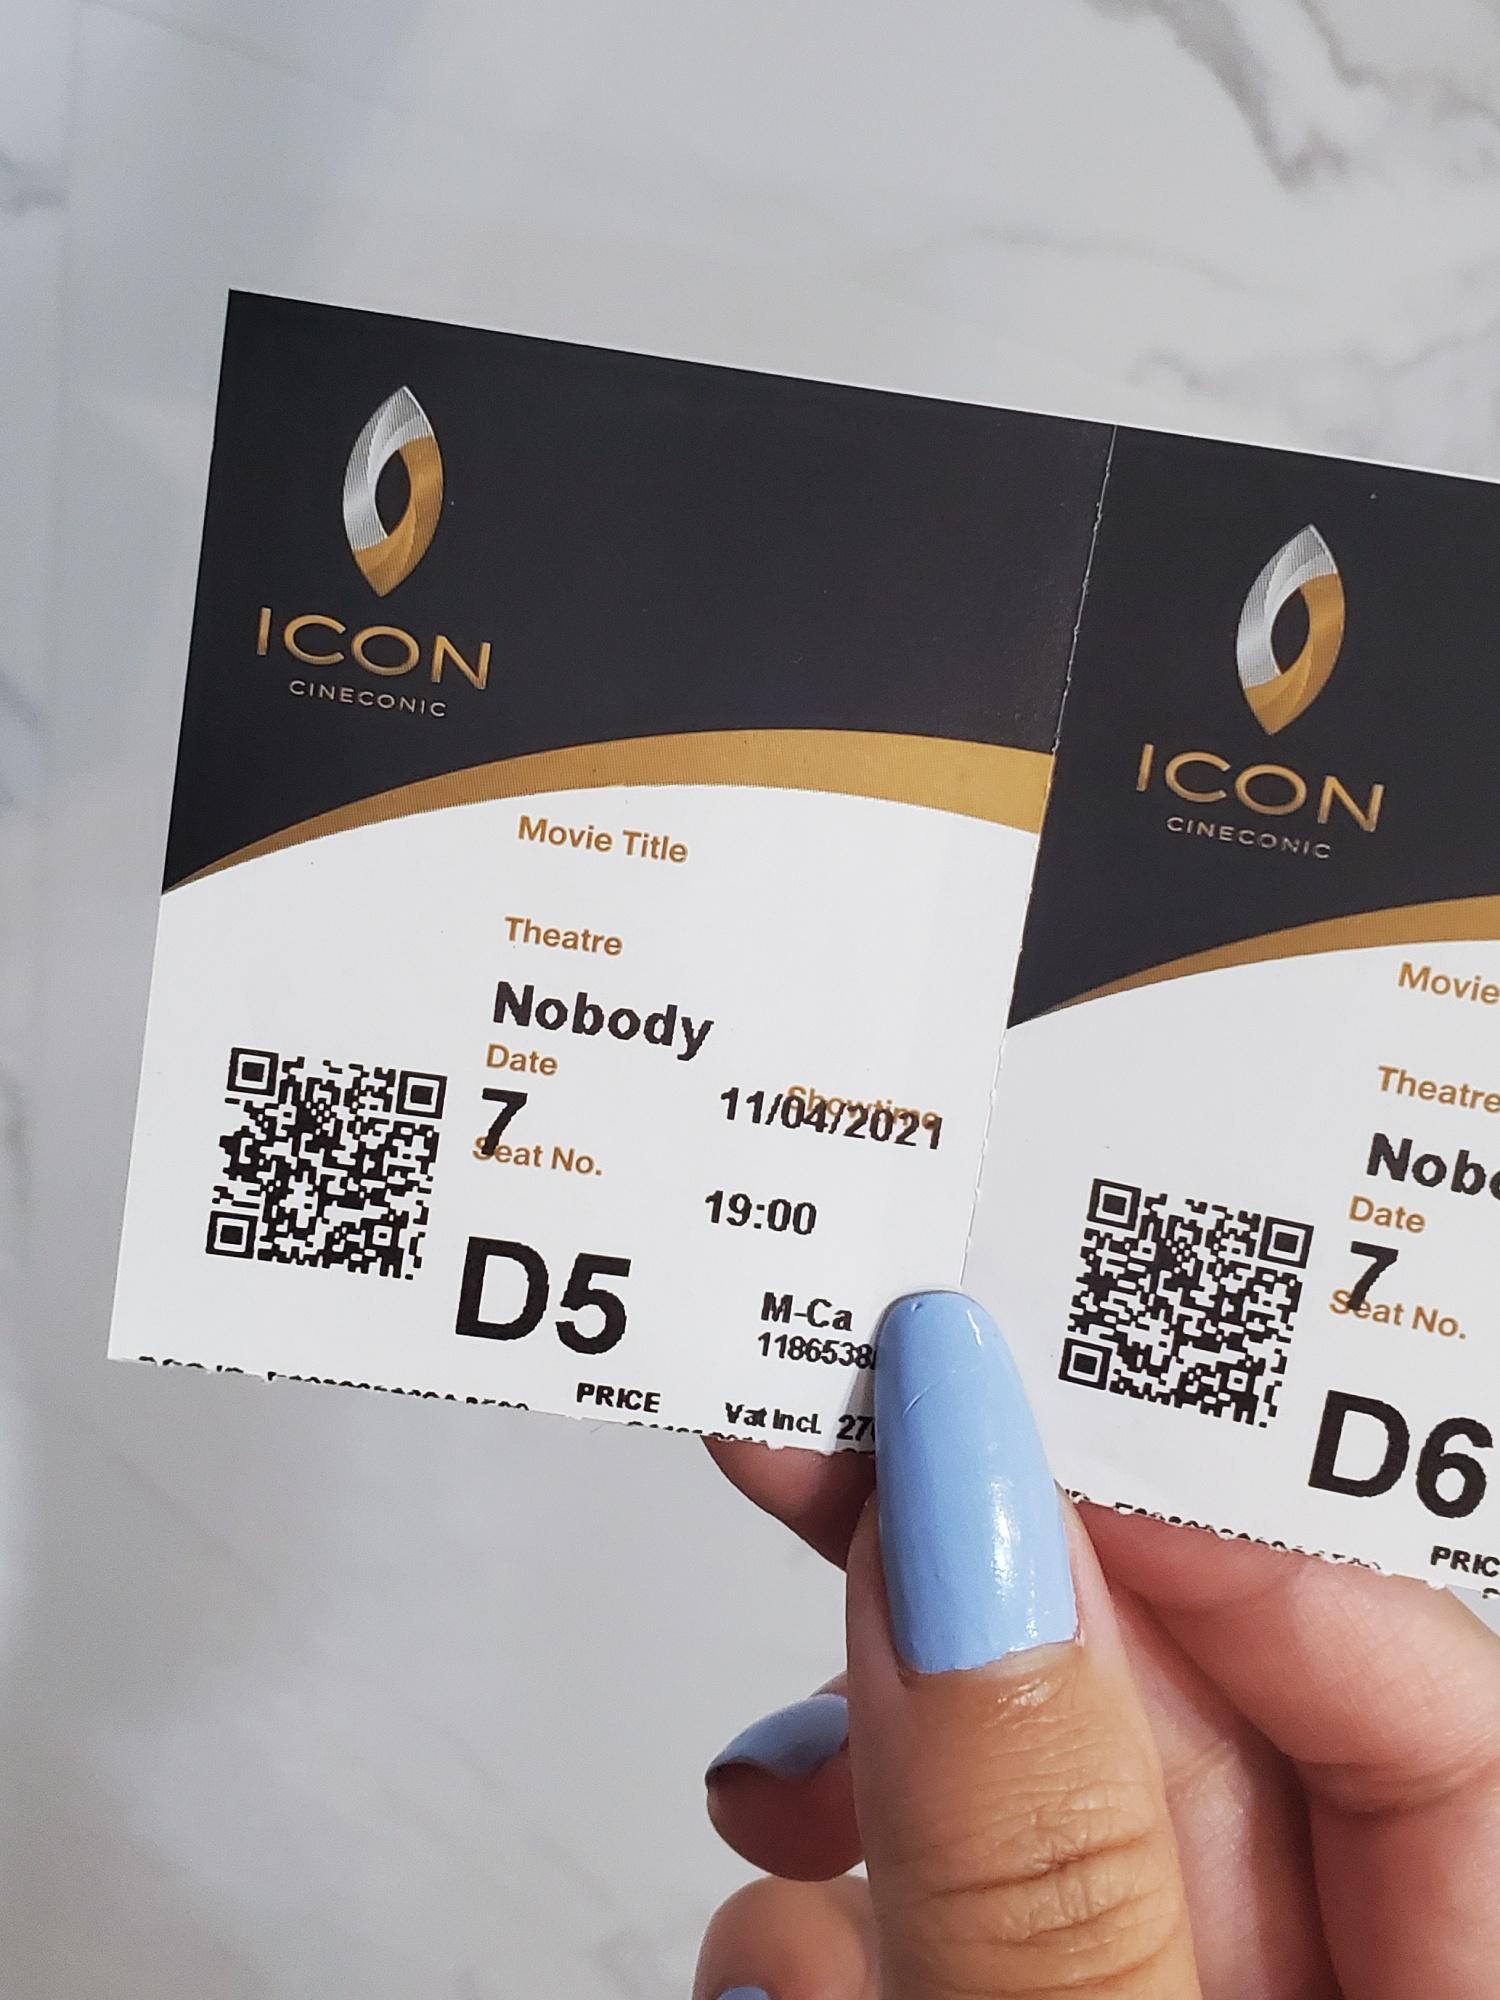 Icon Cineconic Nobody